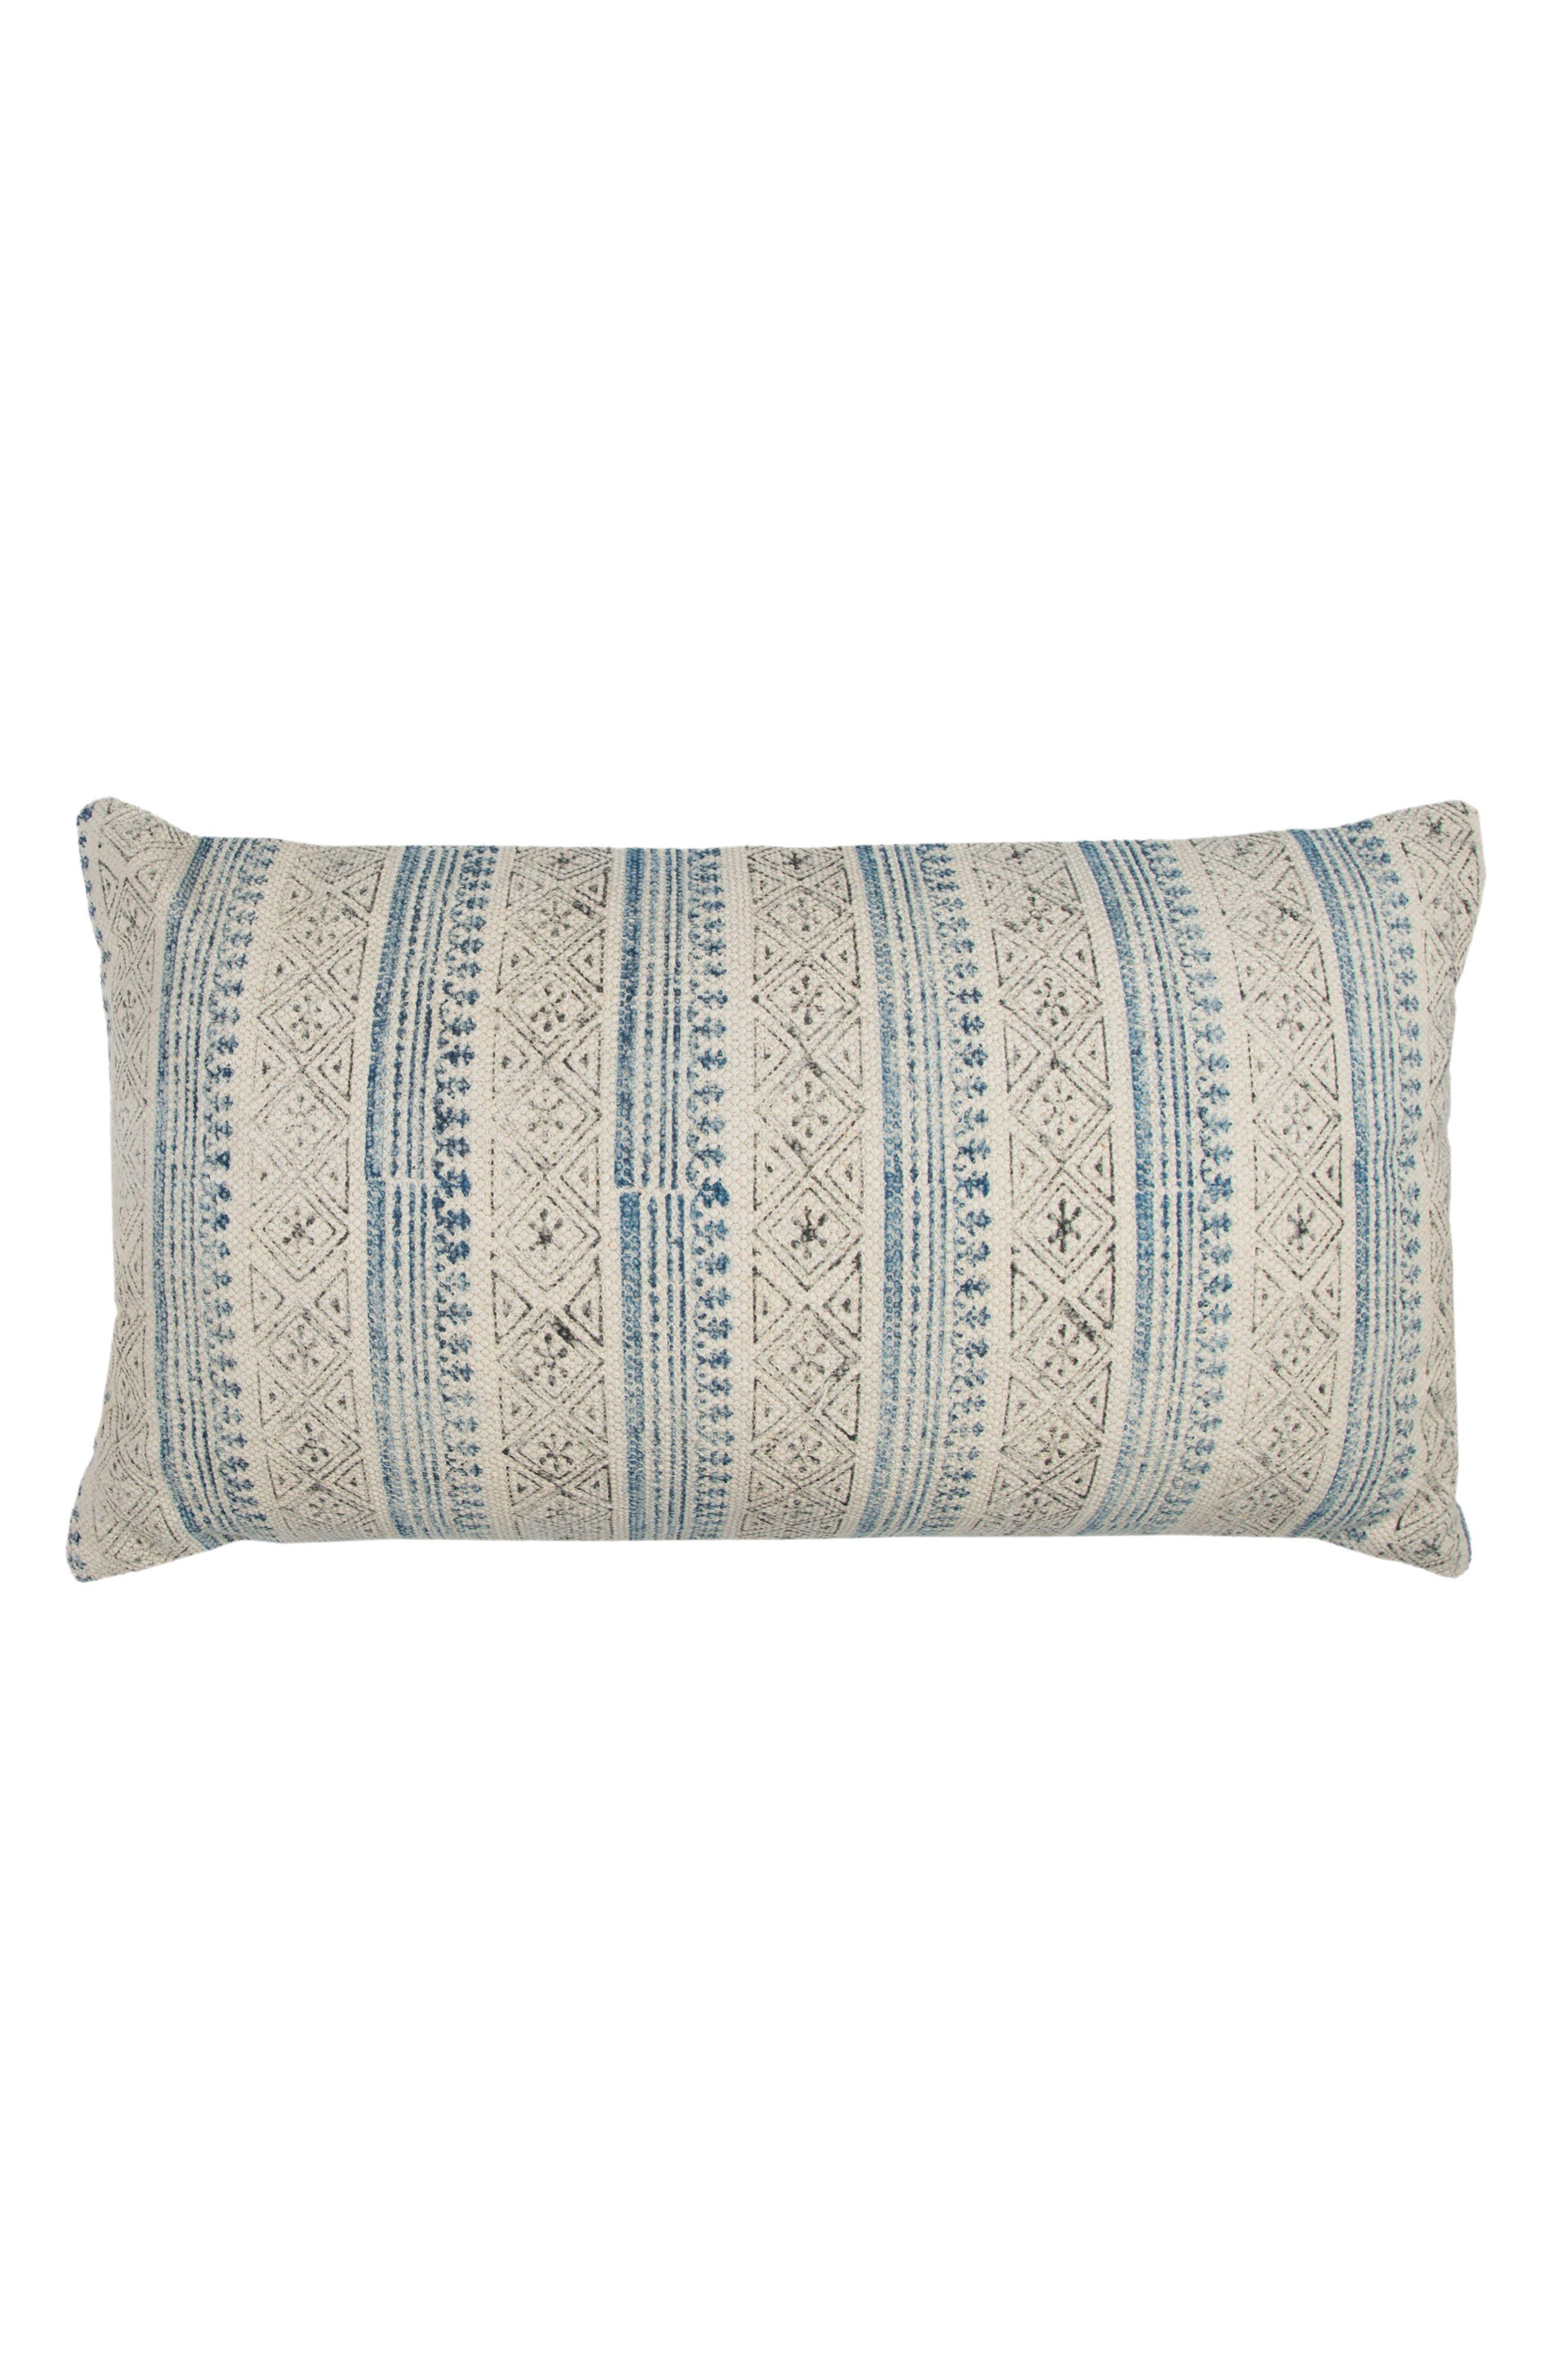 Stripe Accent Pillow,                             Main thumbnail 1, color,